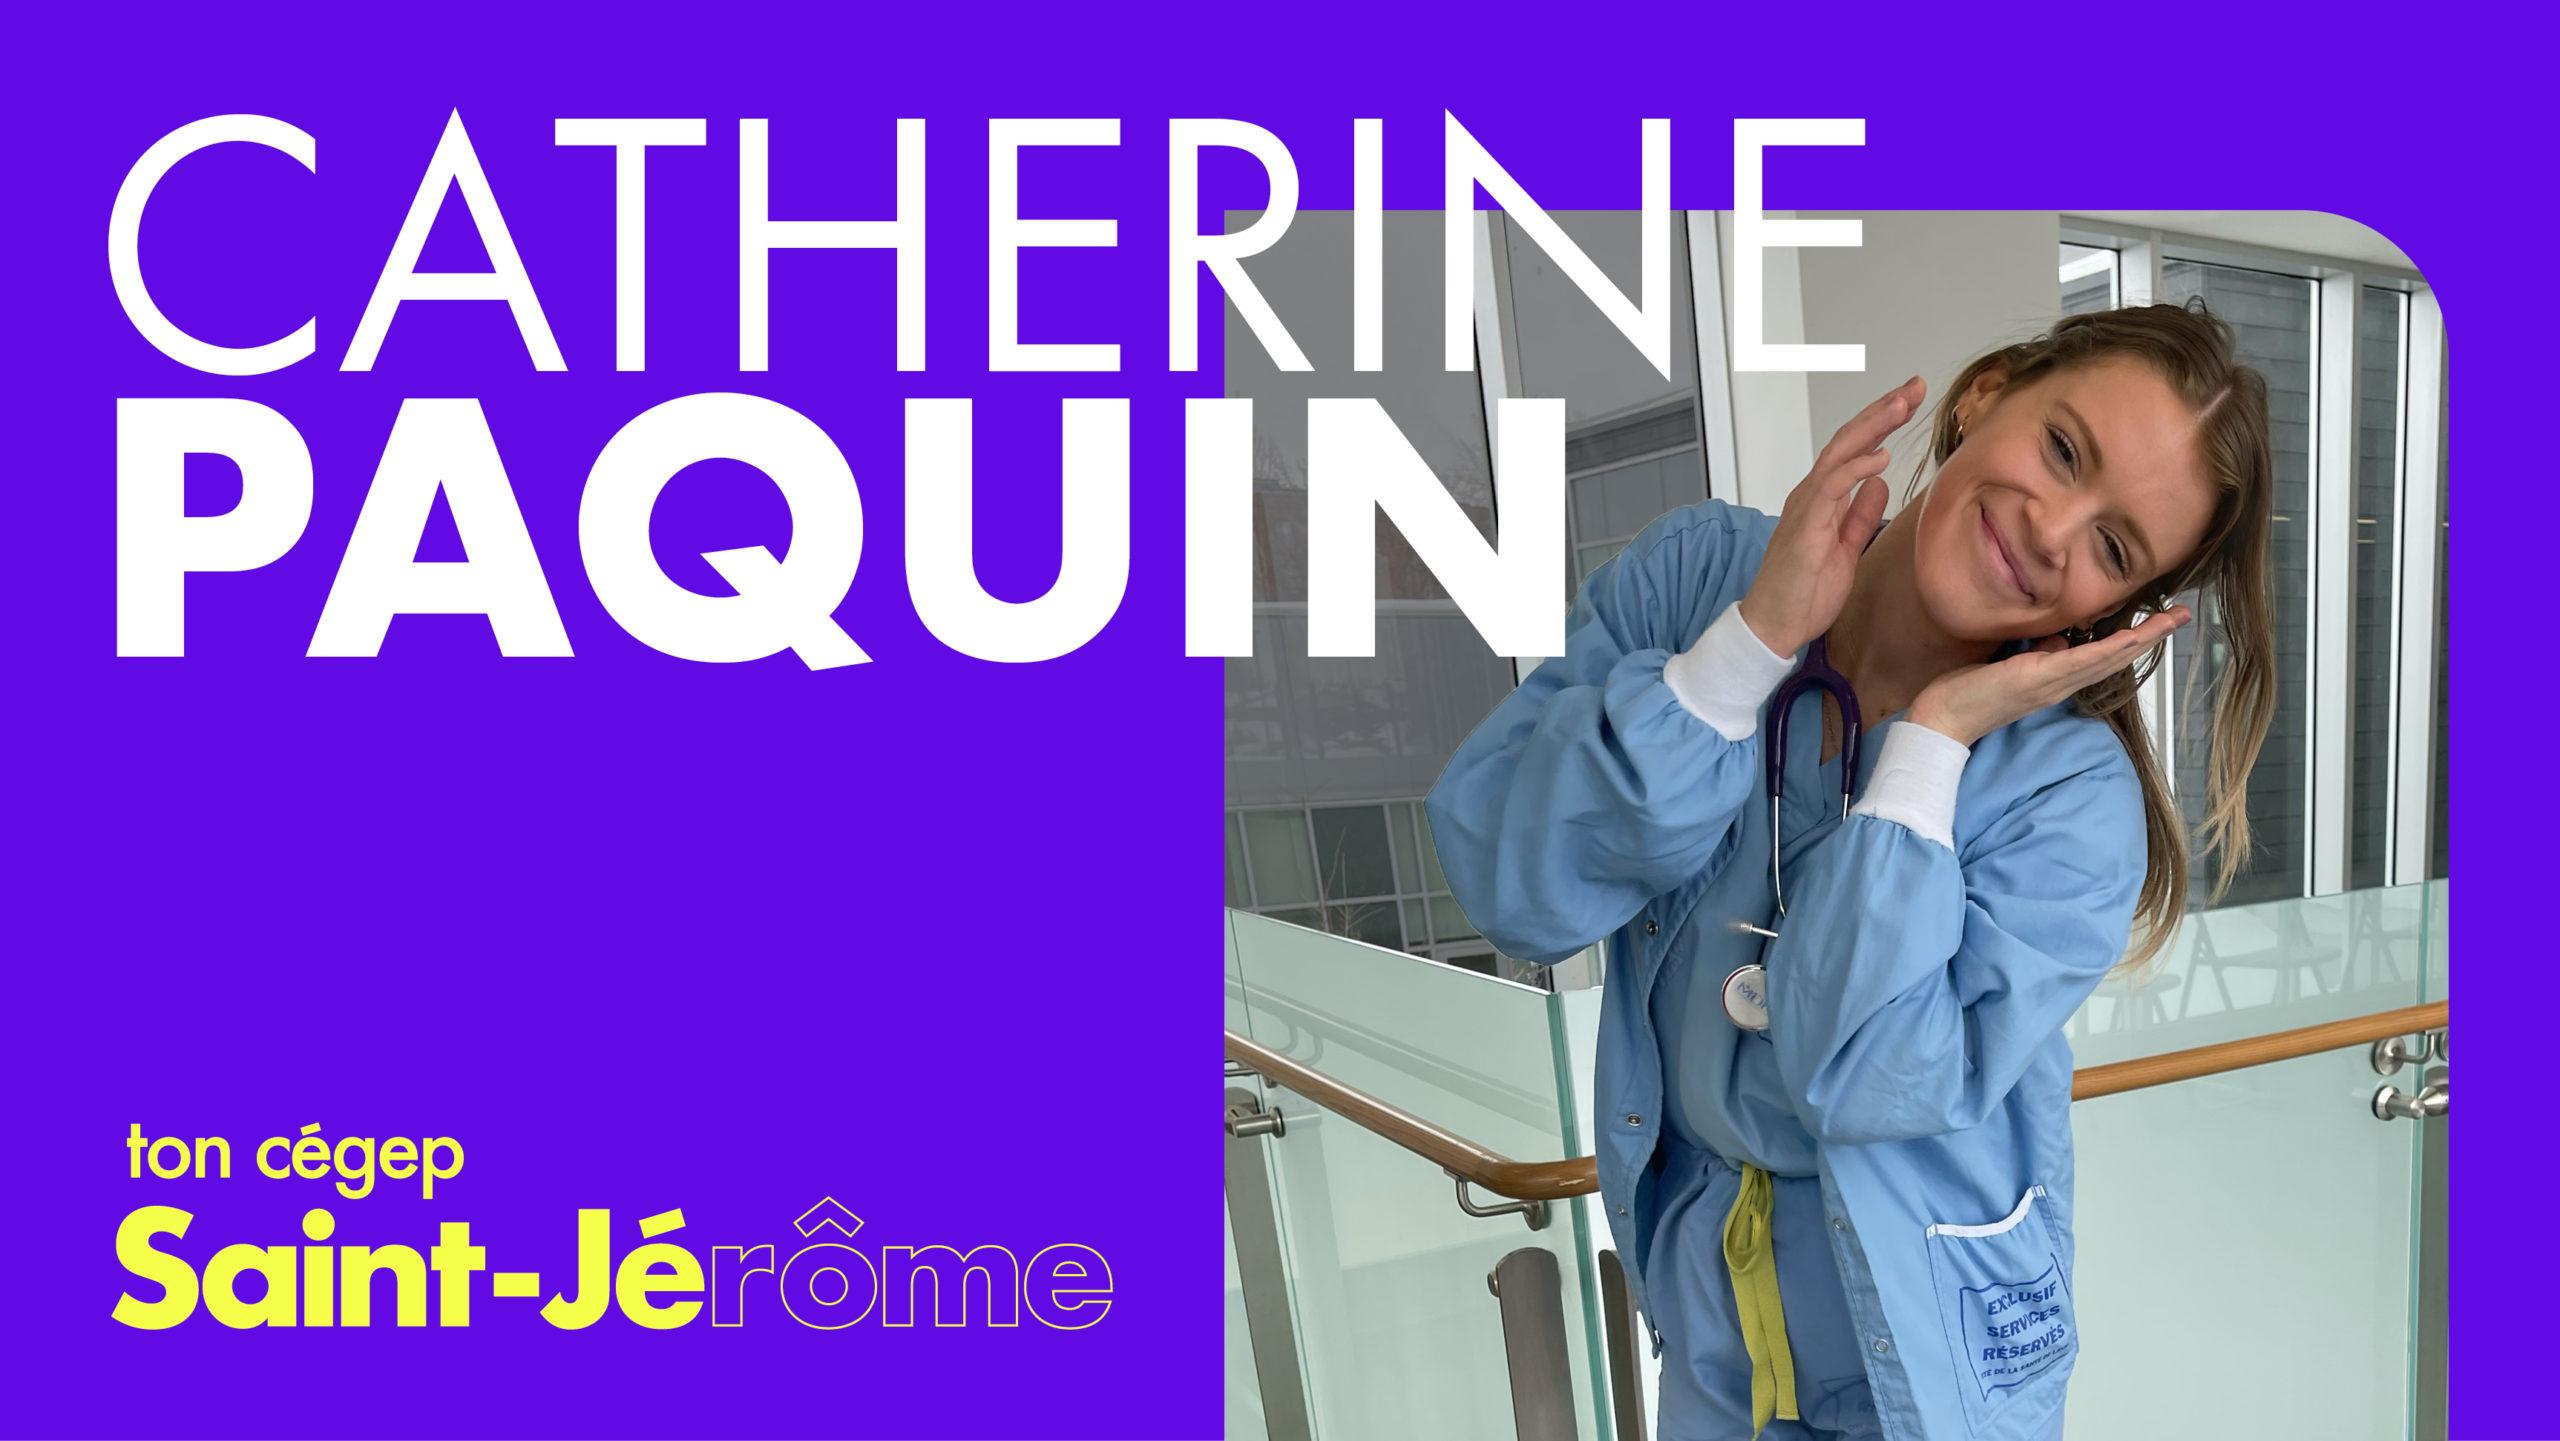 Catherine Paquin s'associe avec le CSTJ